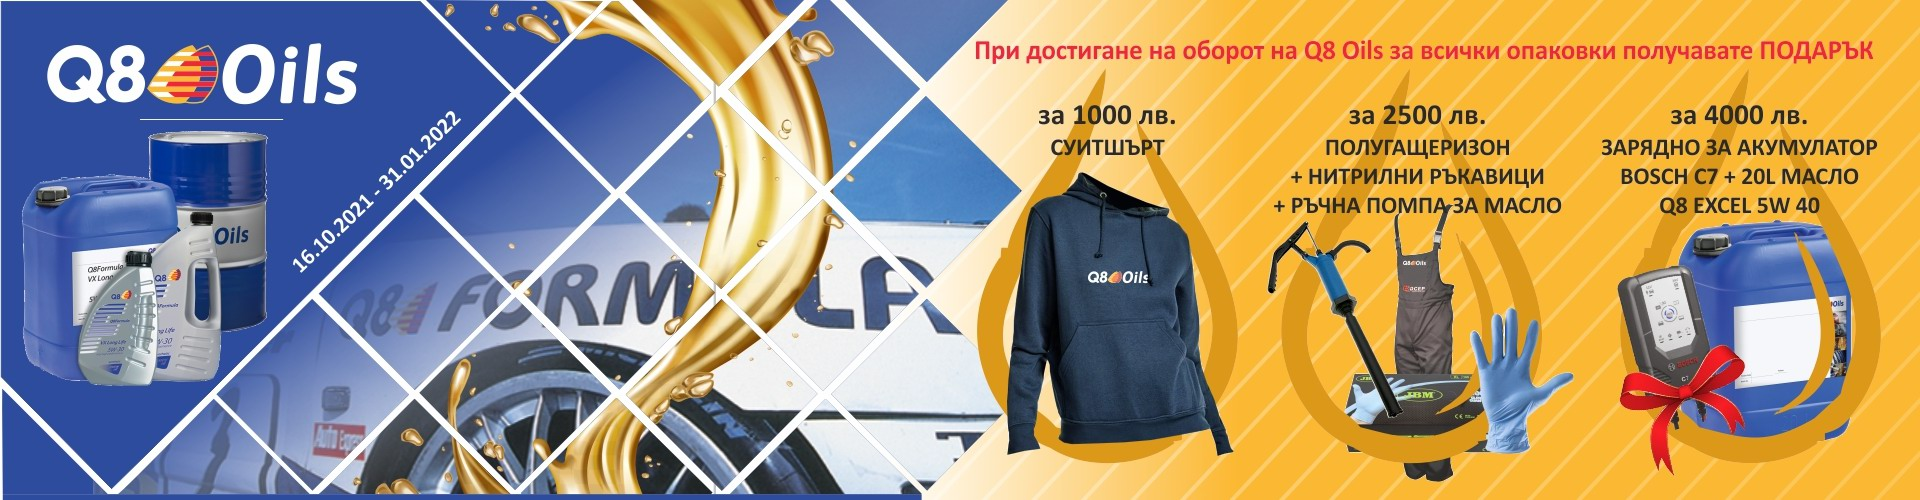 promo_q8oils_16.10.2021-31.01.2022_banner.jpg